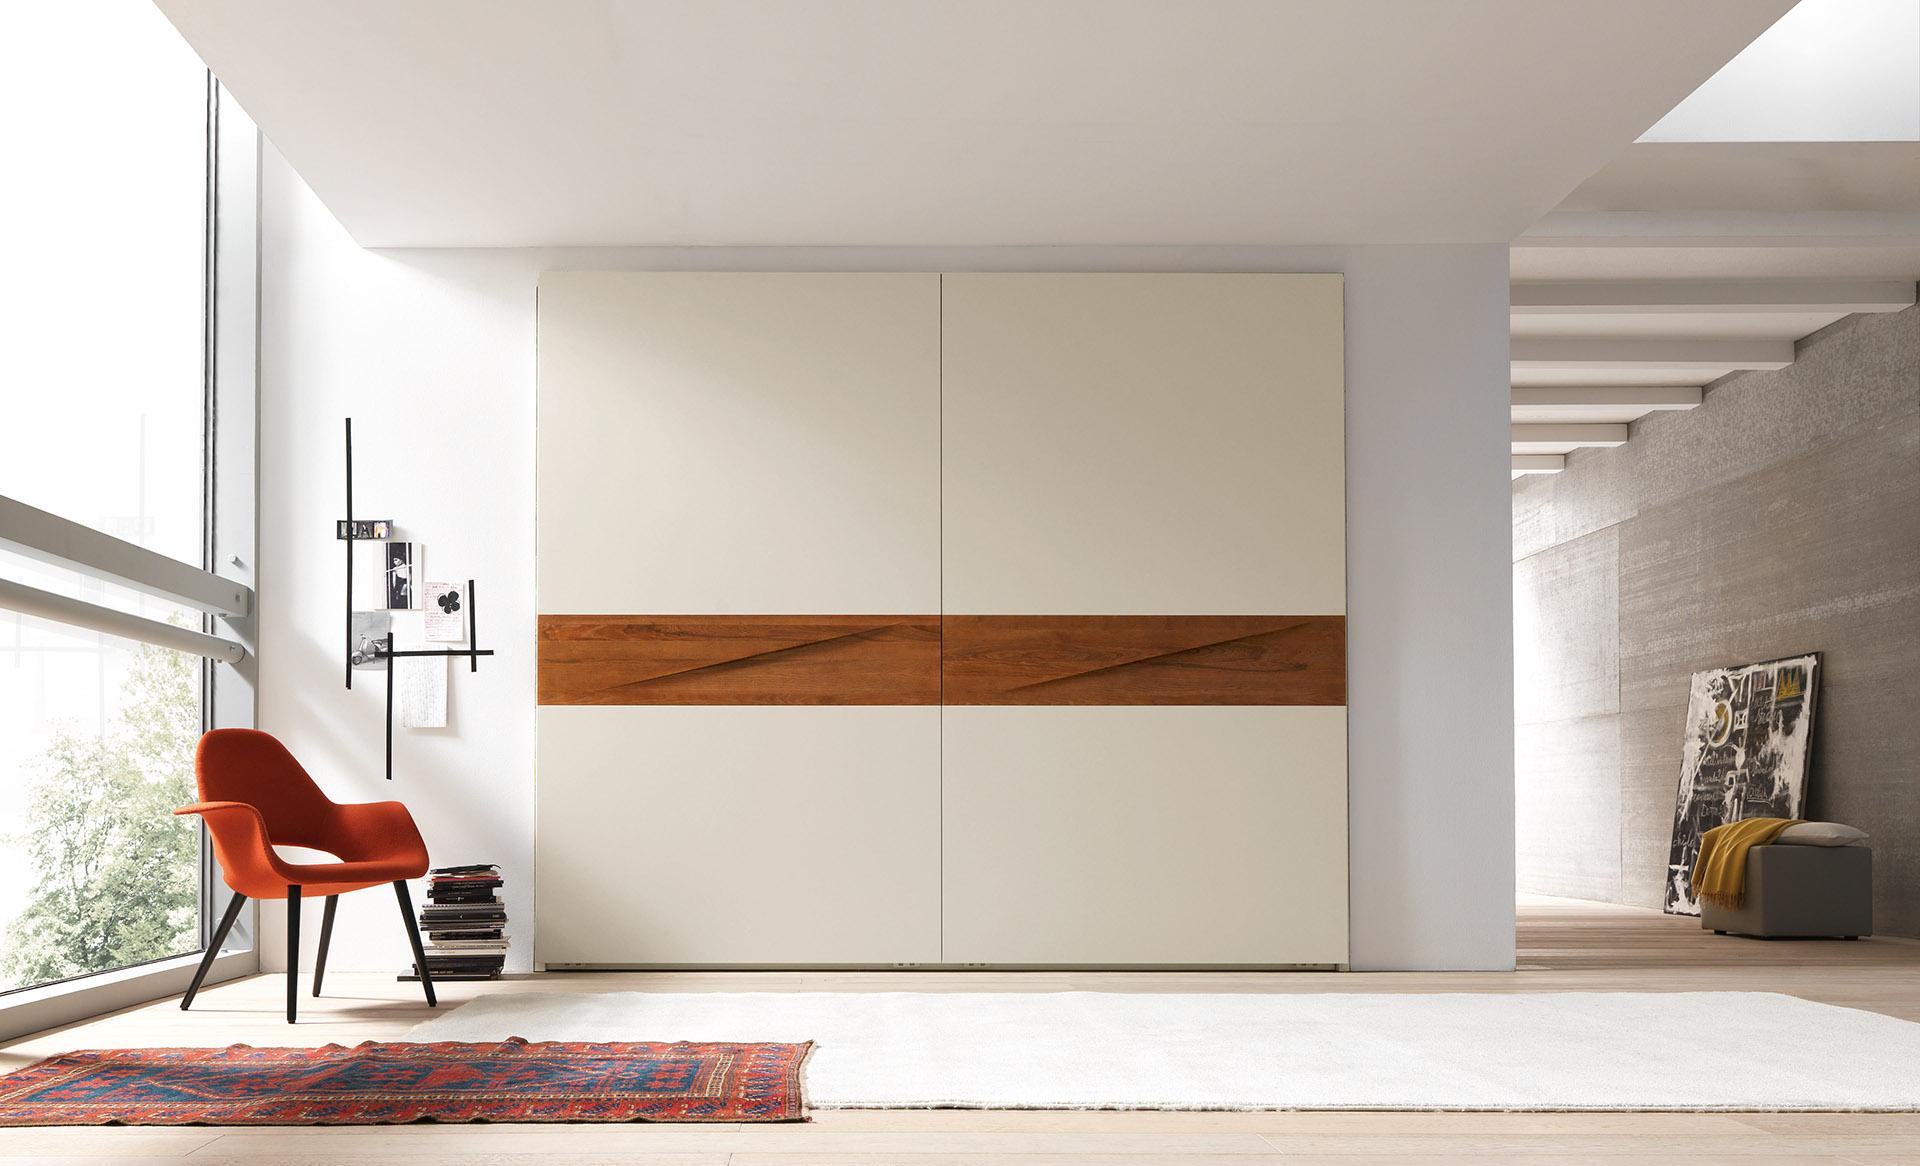 Шкаф «Такка» молочного цвета с древесным декором